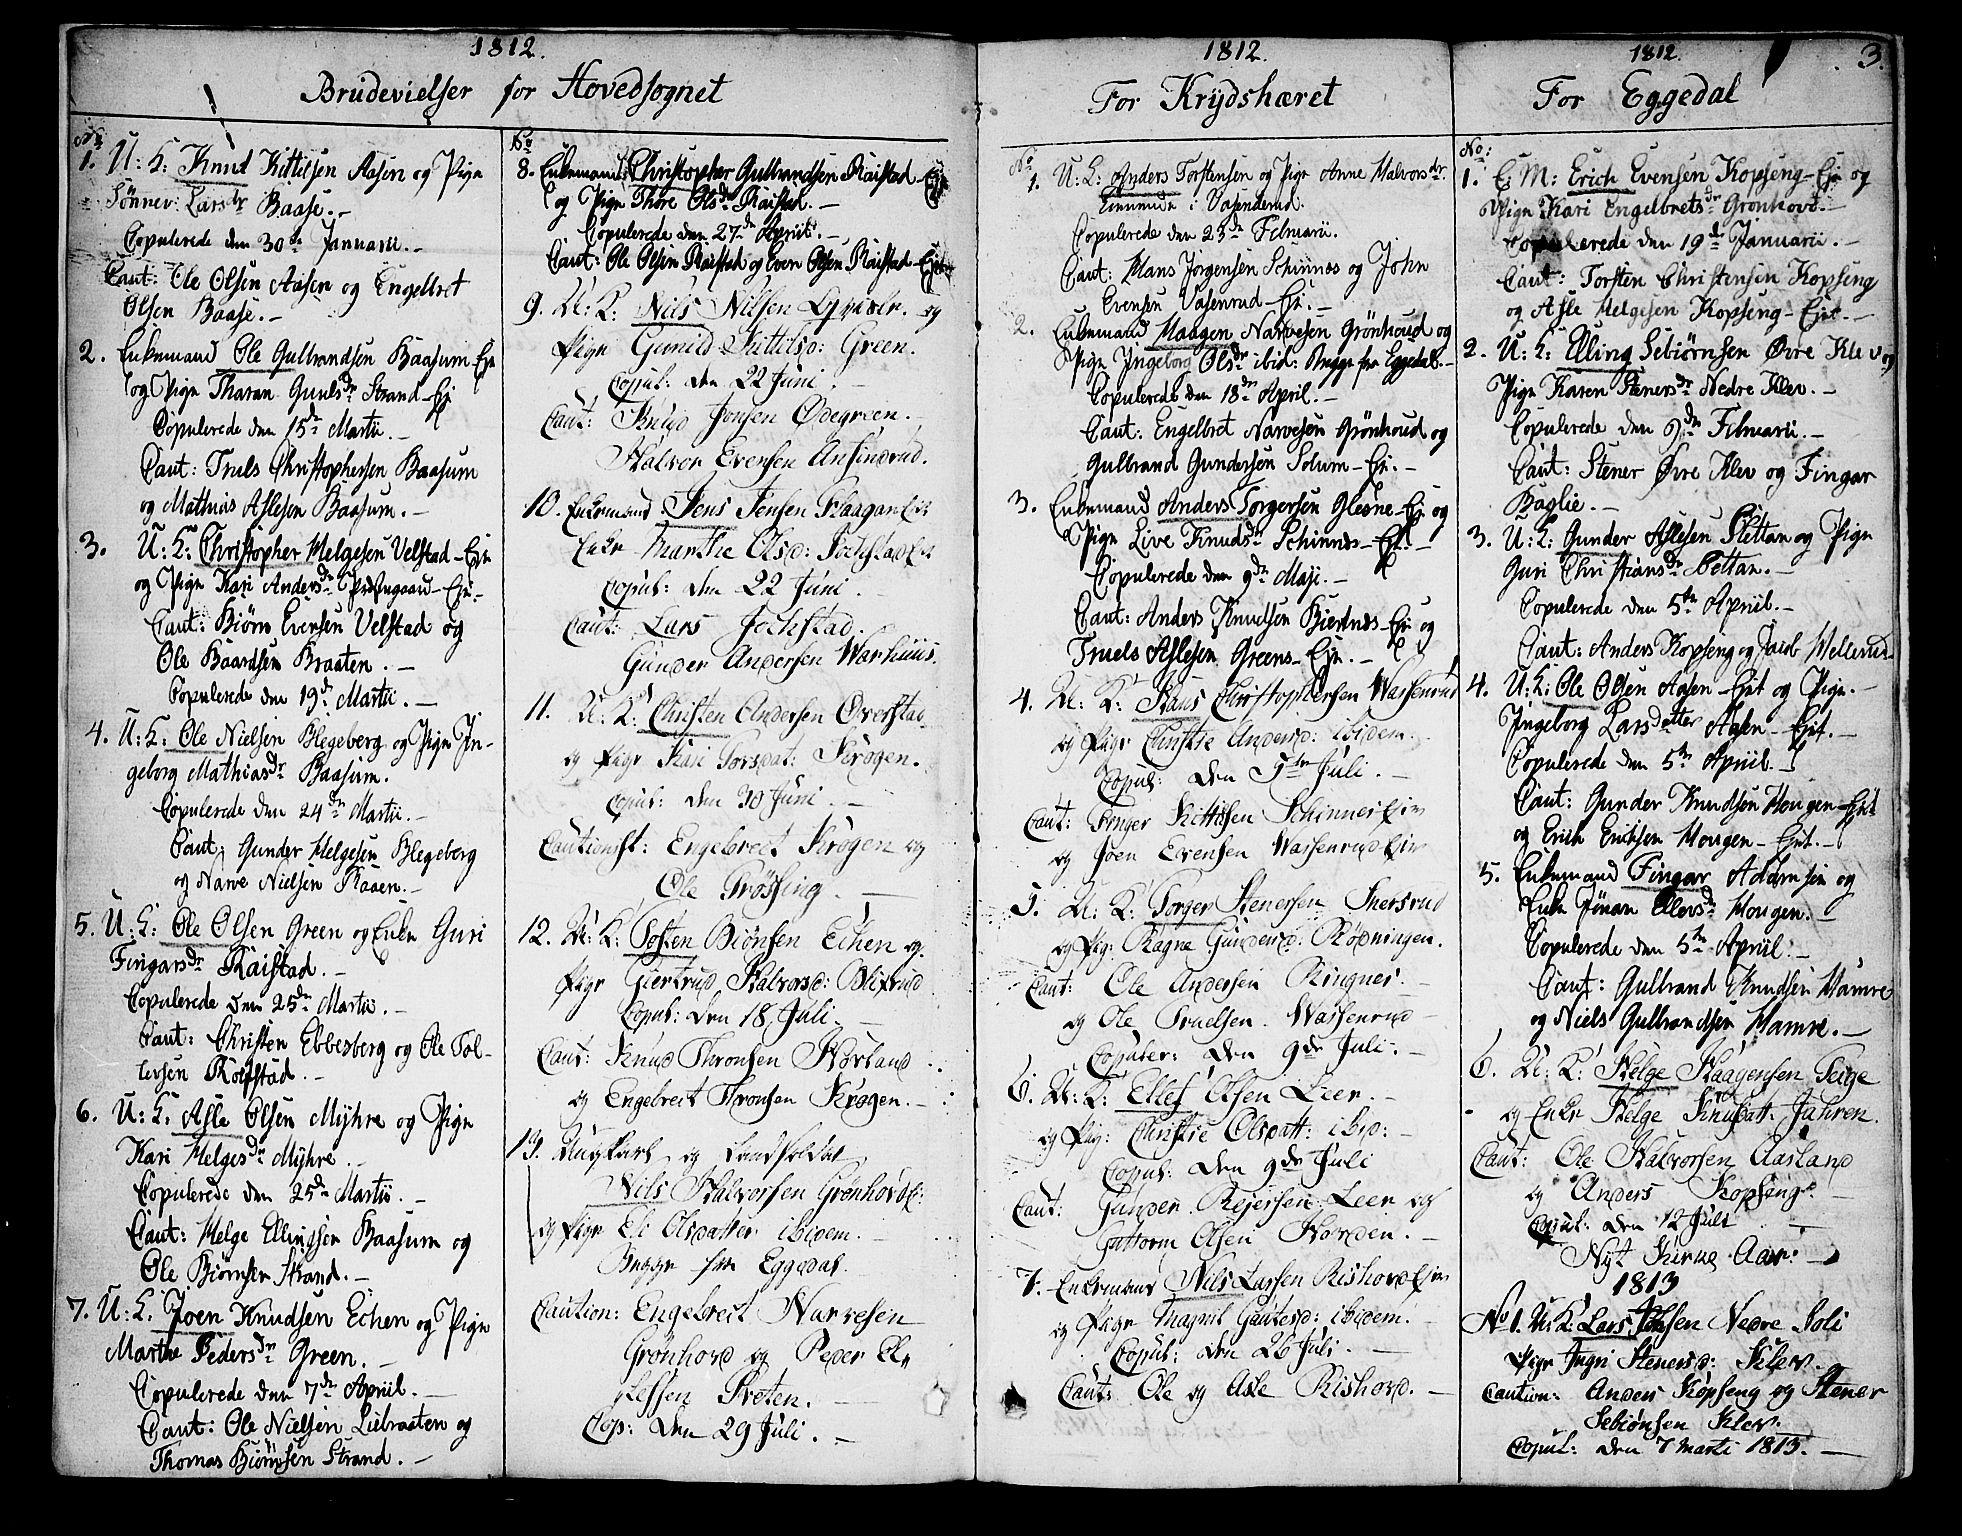 SAKO, Sigdal kirkebøker, F/Fa/L0004: Ministerialbok nr. I 4, 1812-1815, s. 3